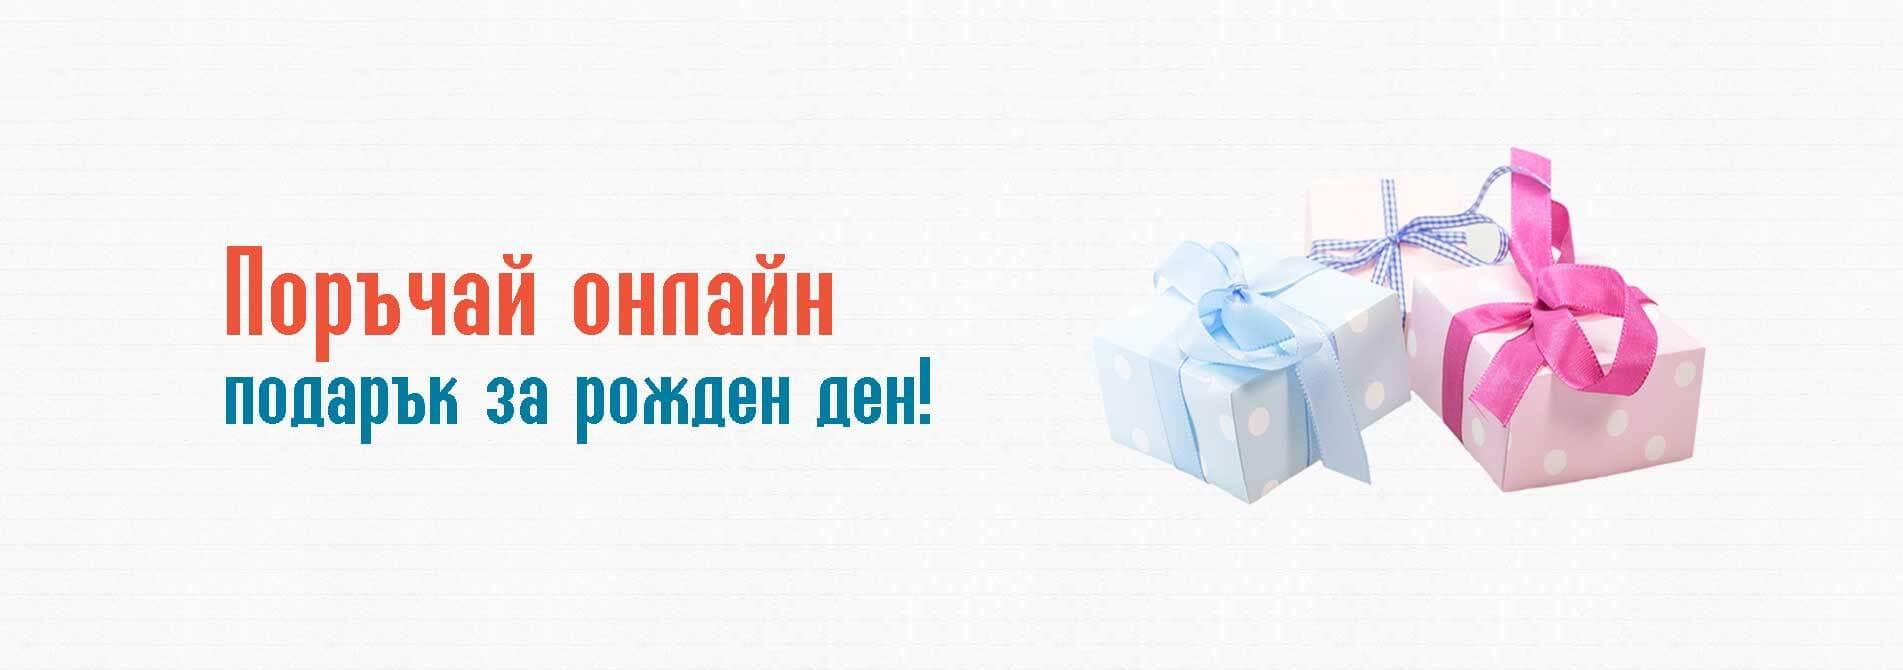 Подаръци онлайн от Podnesi.bg